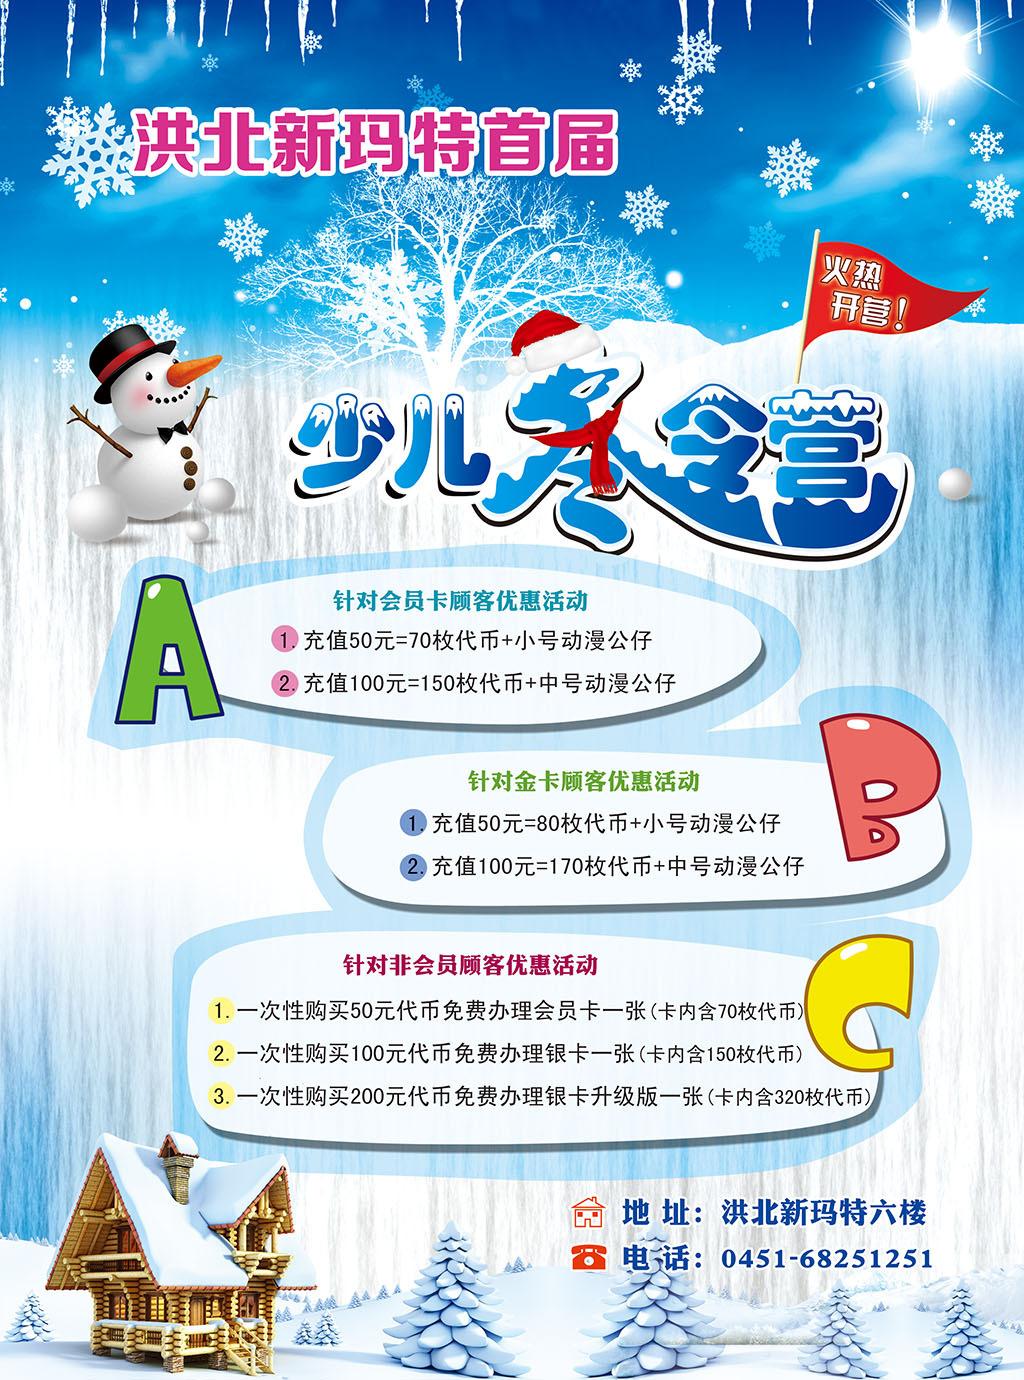 少儿冬令营海报广告宣传单设计